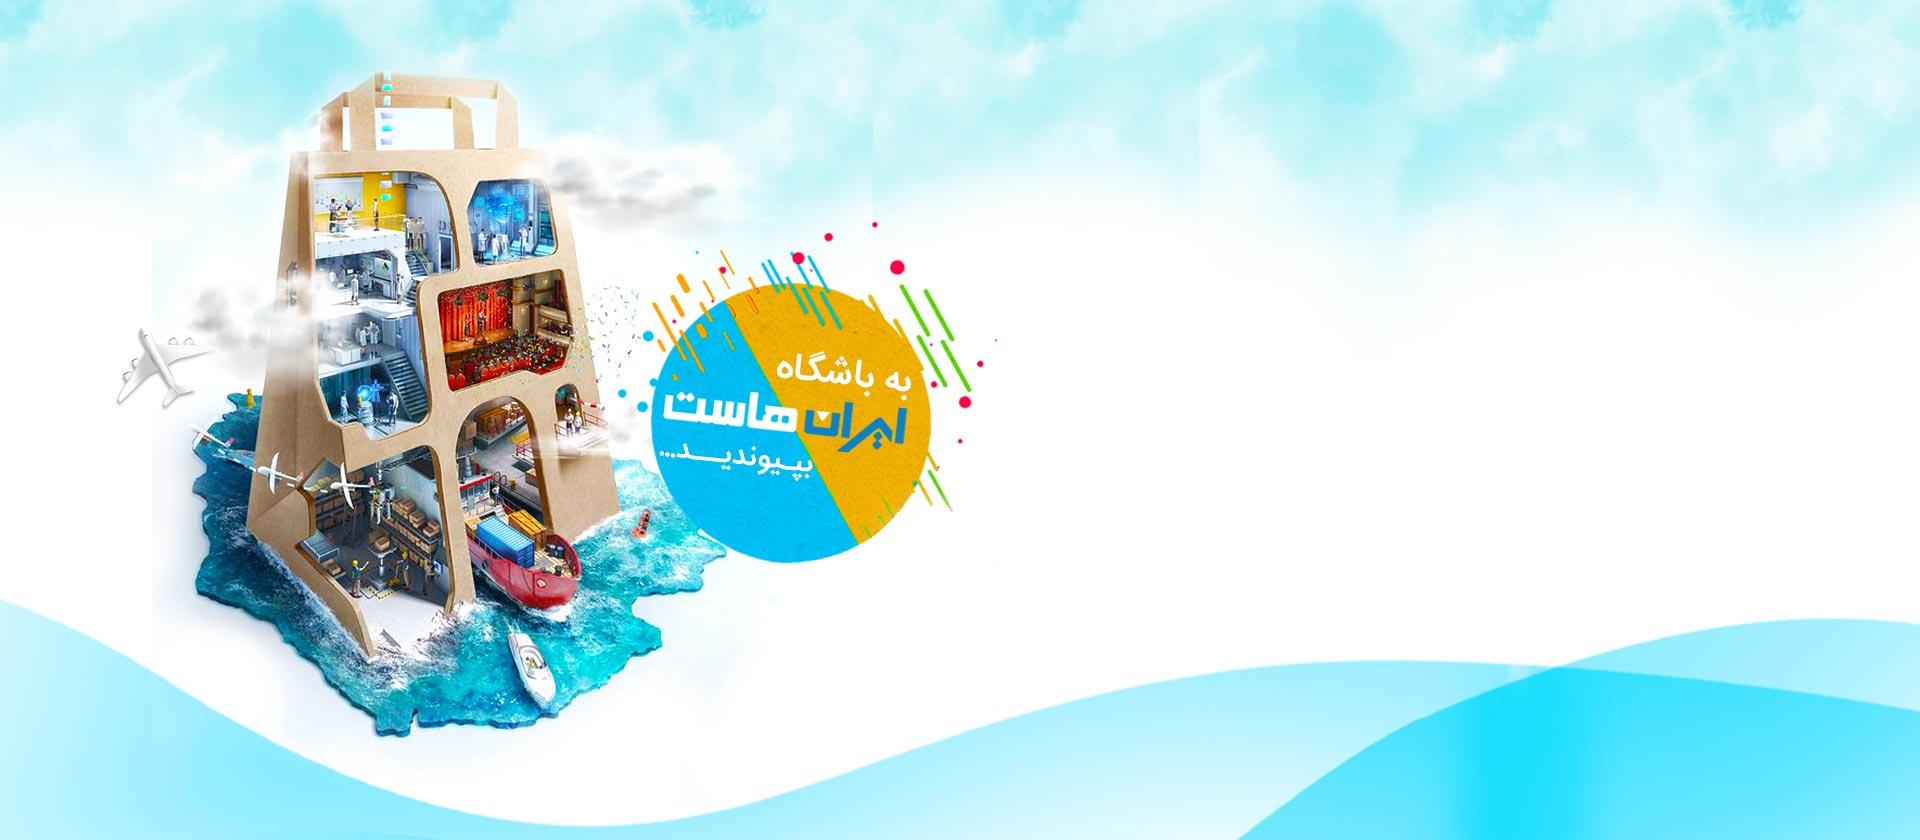 ۱۰ هاستینگ برتر ایران